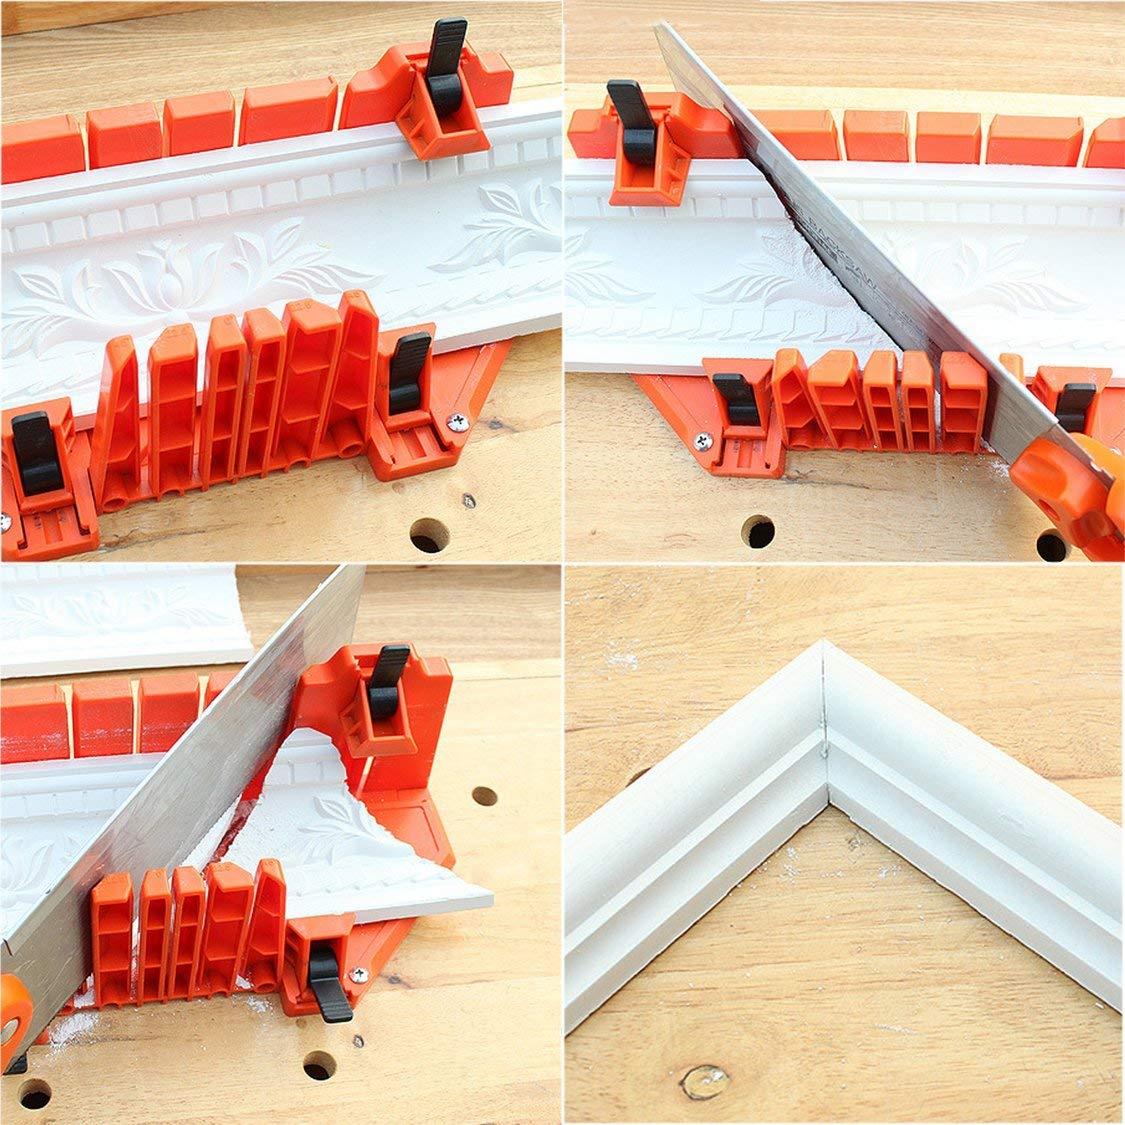 Caja de ingletes de sujeci/ón oblicua multiusos Caja de sierra de /ángulo diferente Herramienta de carpinter/ía de sierra de arco ajustable para corte de madera